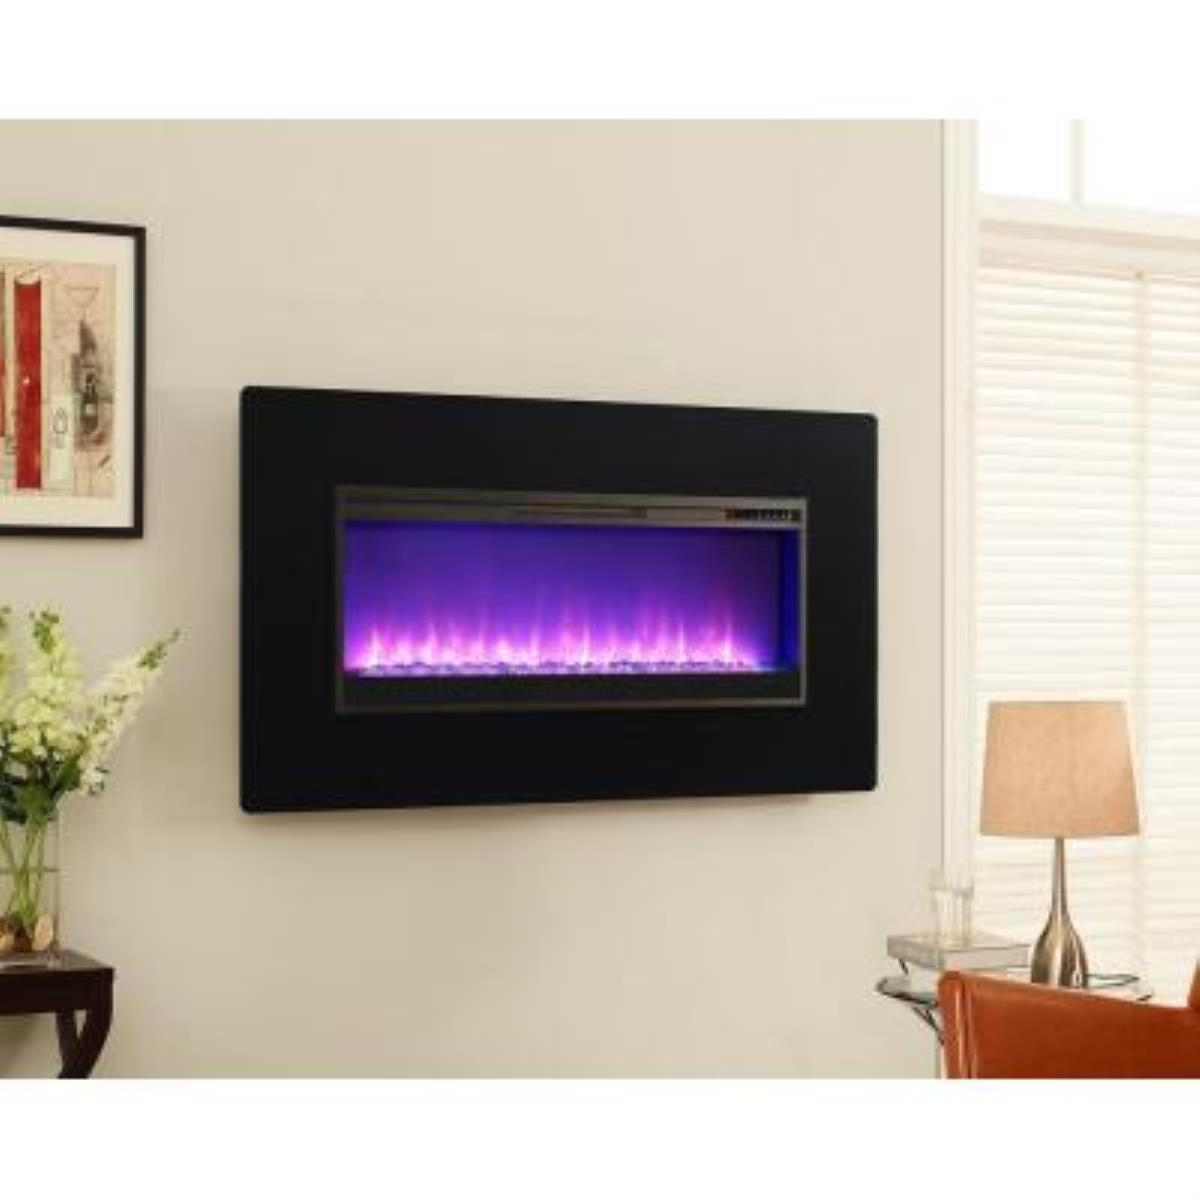 Muskoka Sonora Fireplace Reviews Fireplaces